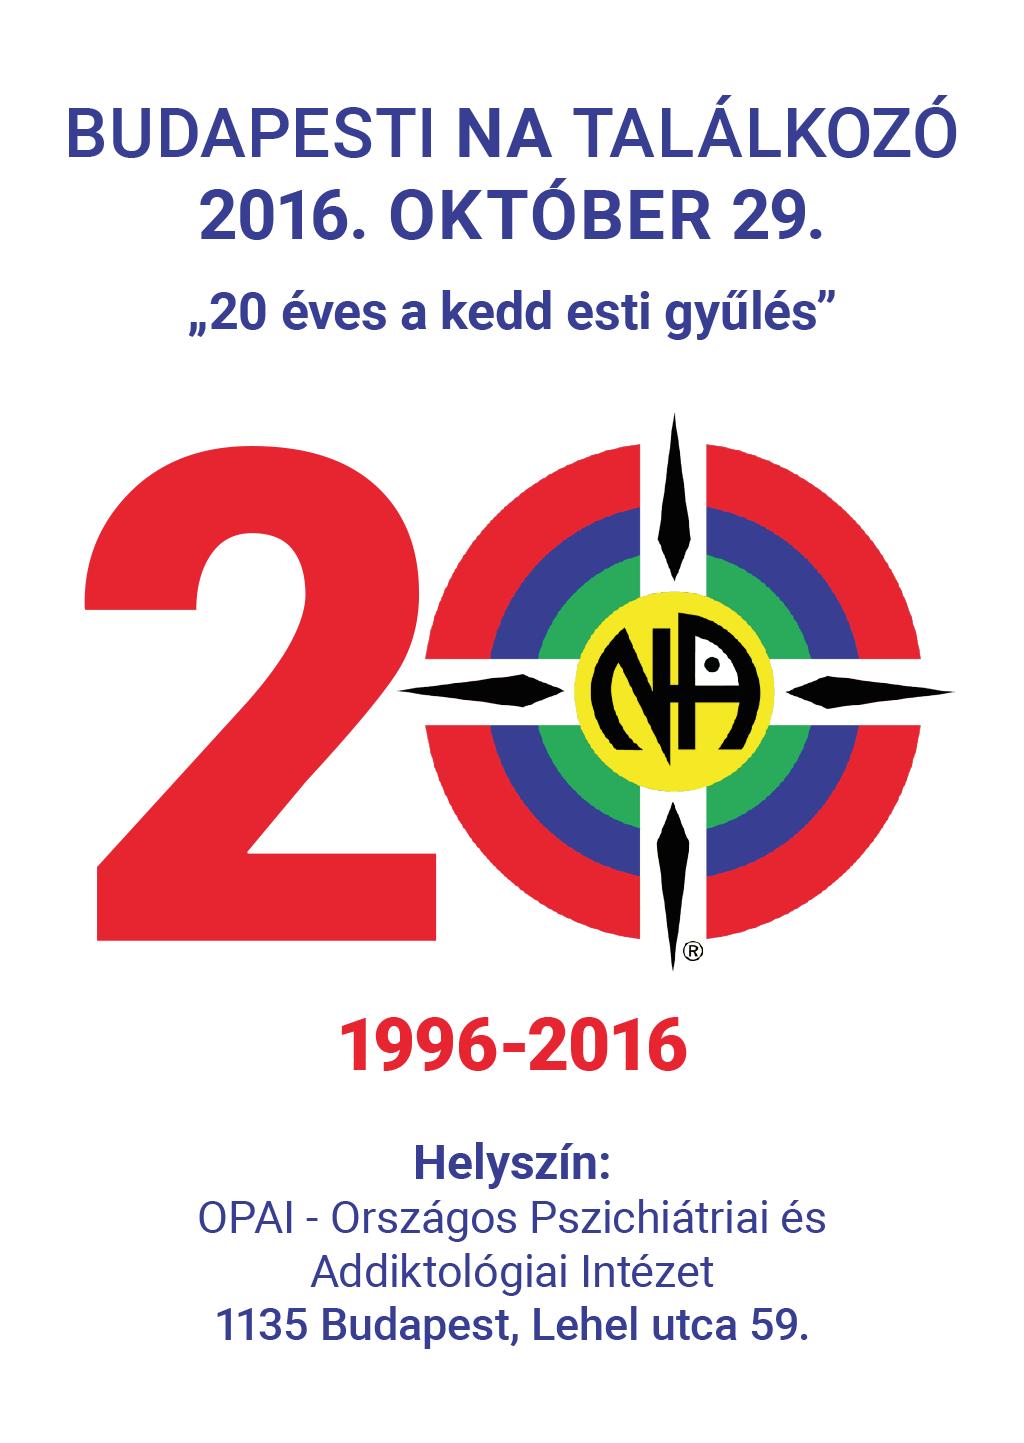 Budapesti NA Találkozó 2016. október 29. flyer 1 oldal